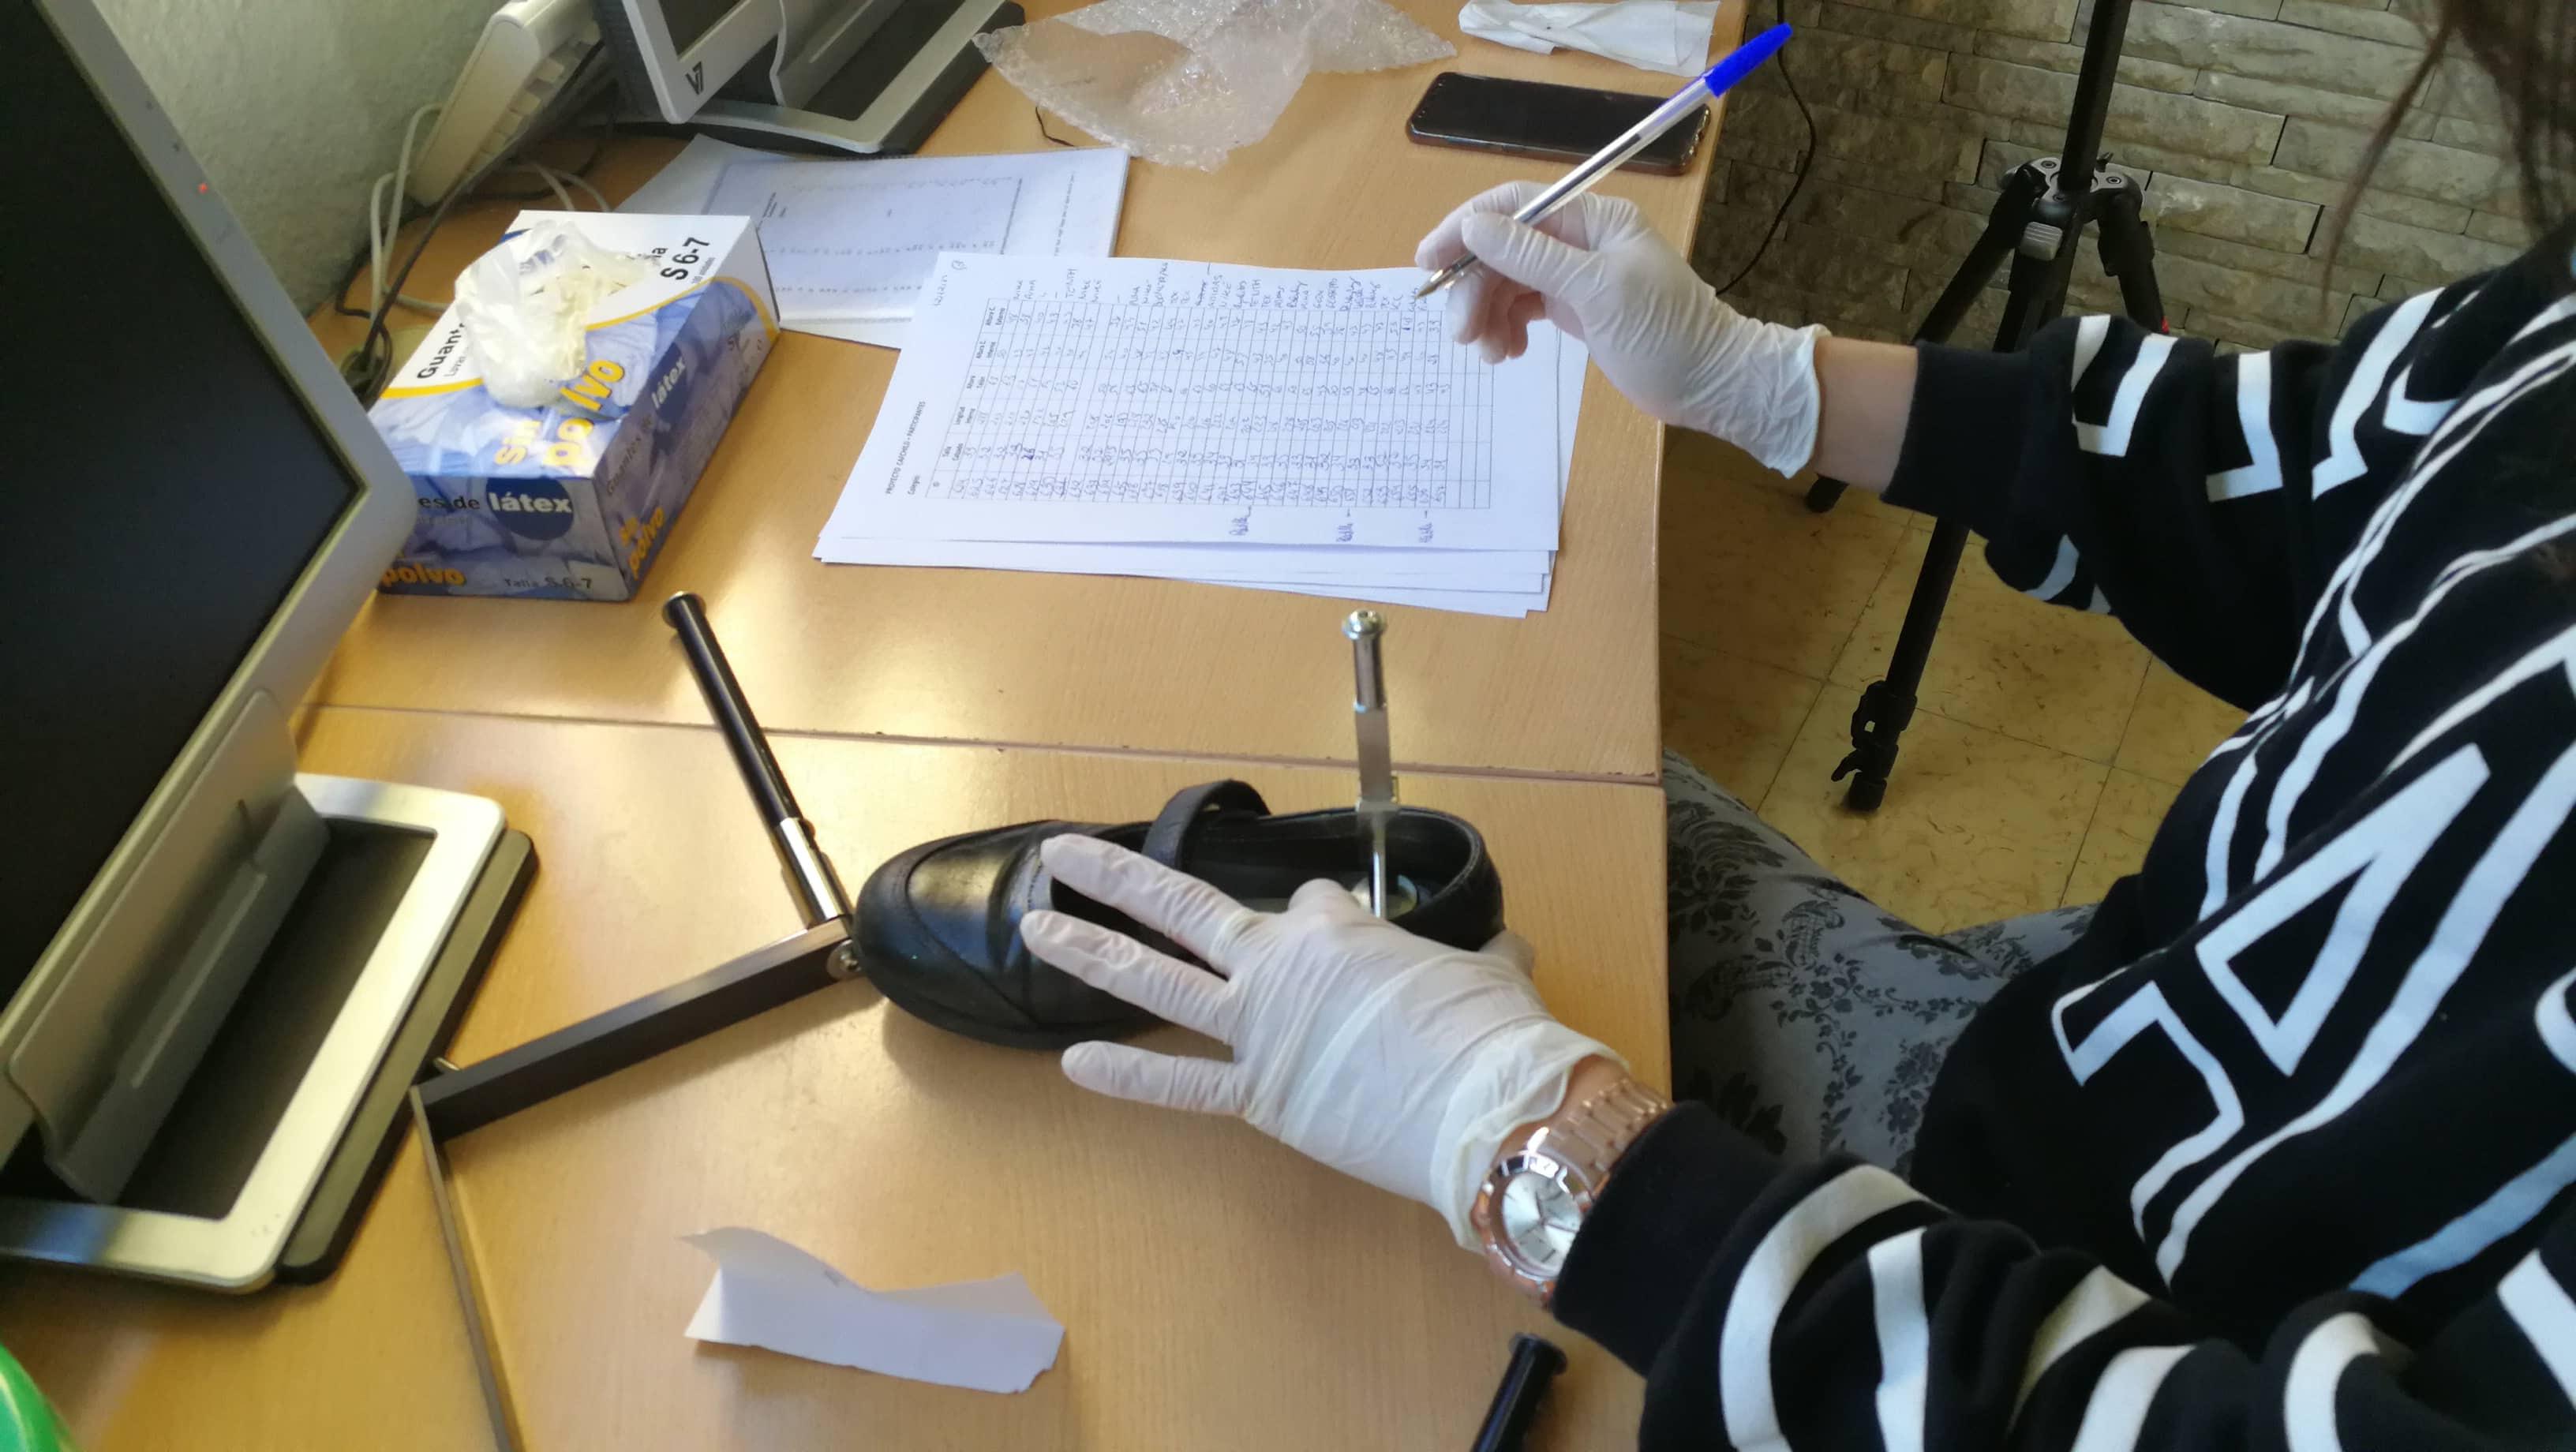 Más de 500 alumnos de primaria participan de una investigación de INESCOP.